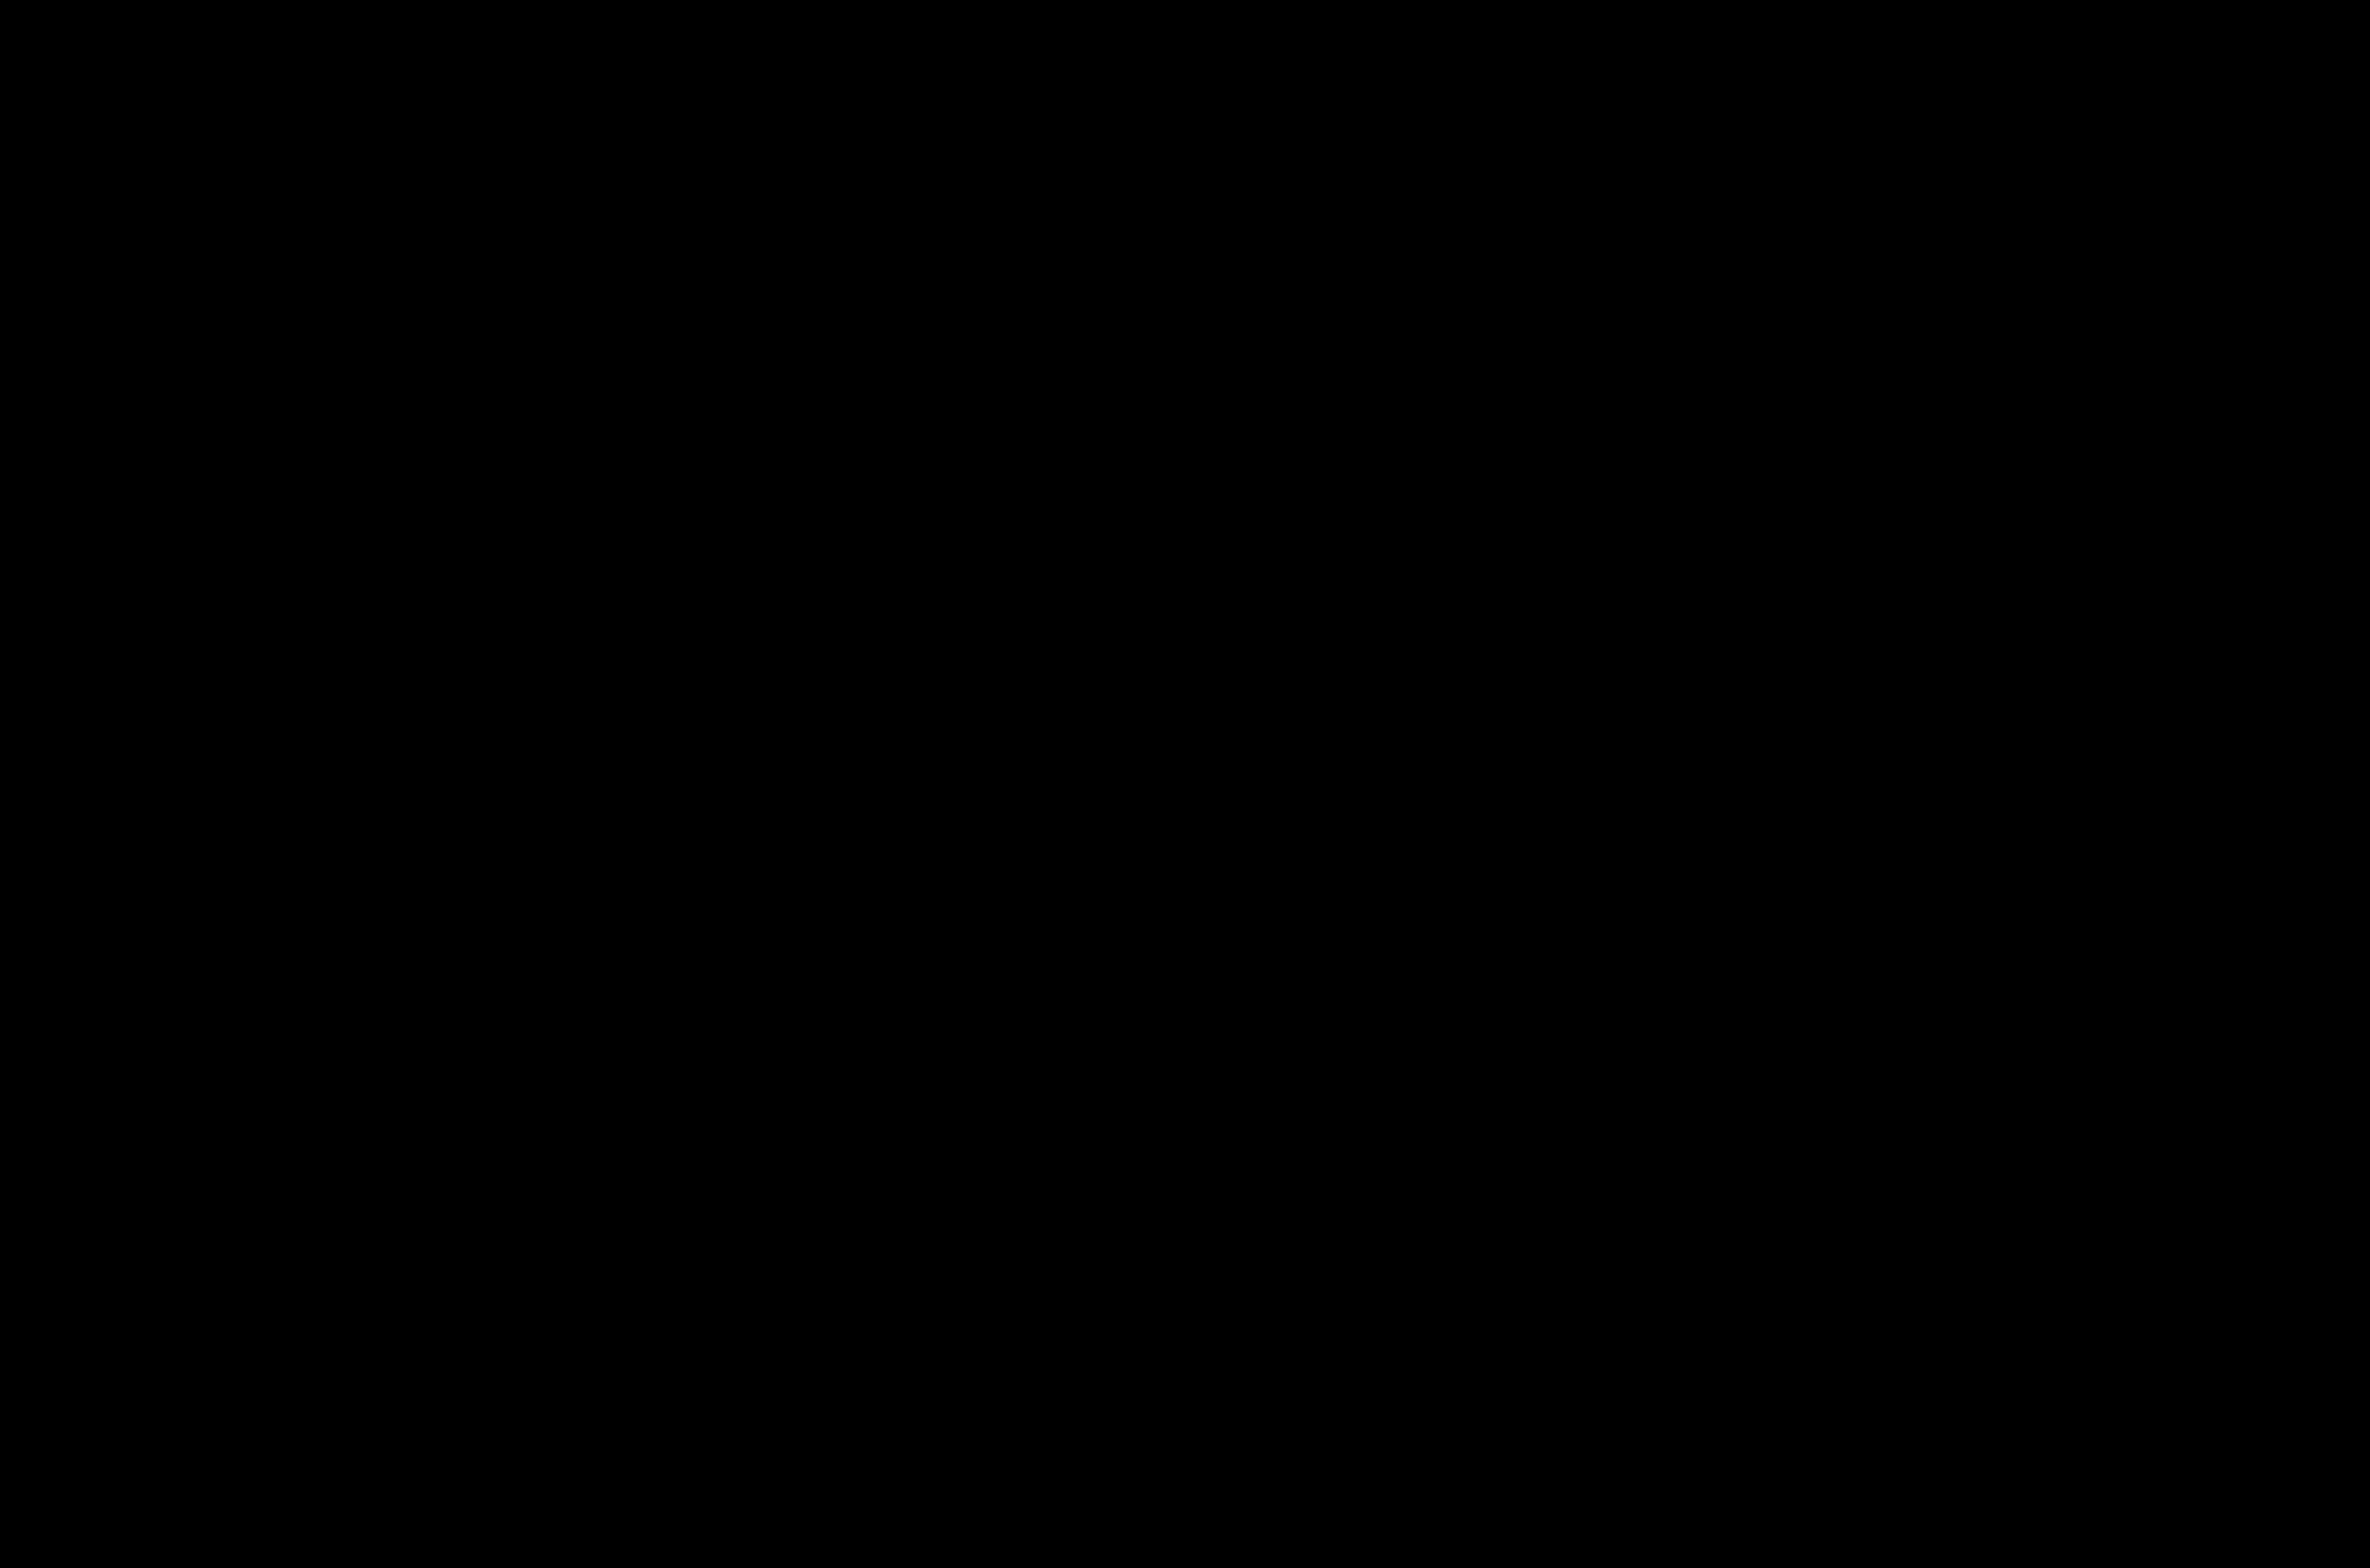 """გიორგი ერისთავის კომედია """"გაყრა"""", ხელნაწერის მინიატურა. <br> ბ. თუმანიშვილი მაკრინეს როლში და  ანასტასია ორბელიანი შუშანას როლში.<br> მხატვარი გეორგ კორადინი.  1850 წელი. <br> Giorgi Eristavi's comedy """"Gakra"""" (""""Separation""""), a miniature of the manuscript.<br> B. Tumanishvili as Makrine and Anastasia Orbeliani as Shushana. Painter George Corradini. 1850."""